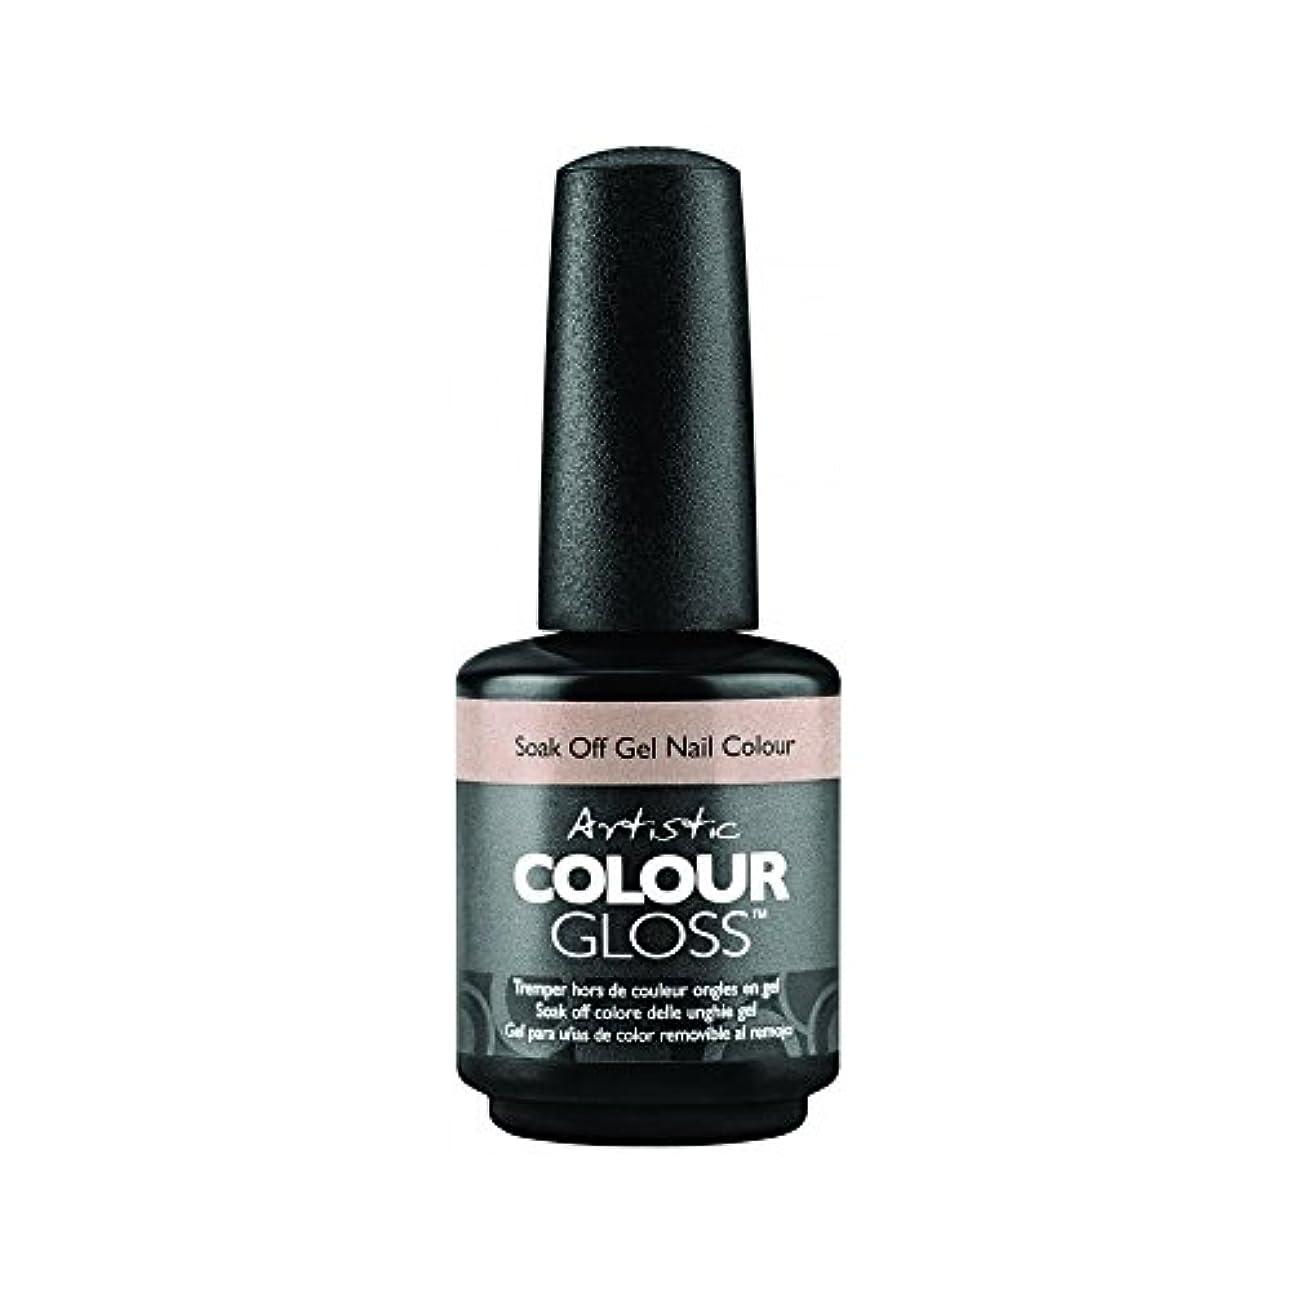 不定コイル福祉Artistic Colour Gloss - Bride and Prejudice - 0.5oz / 15ml